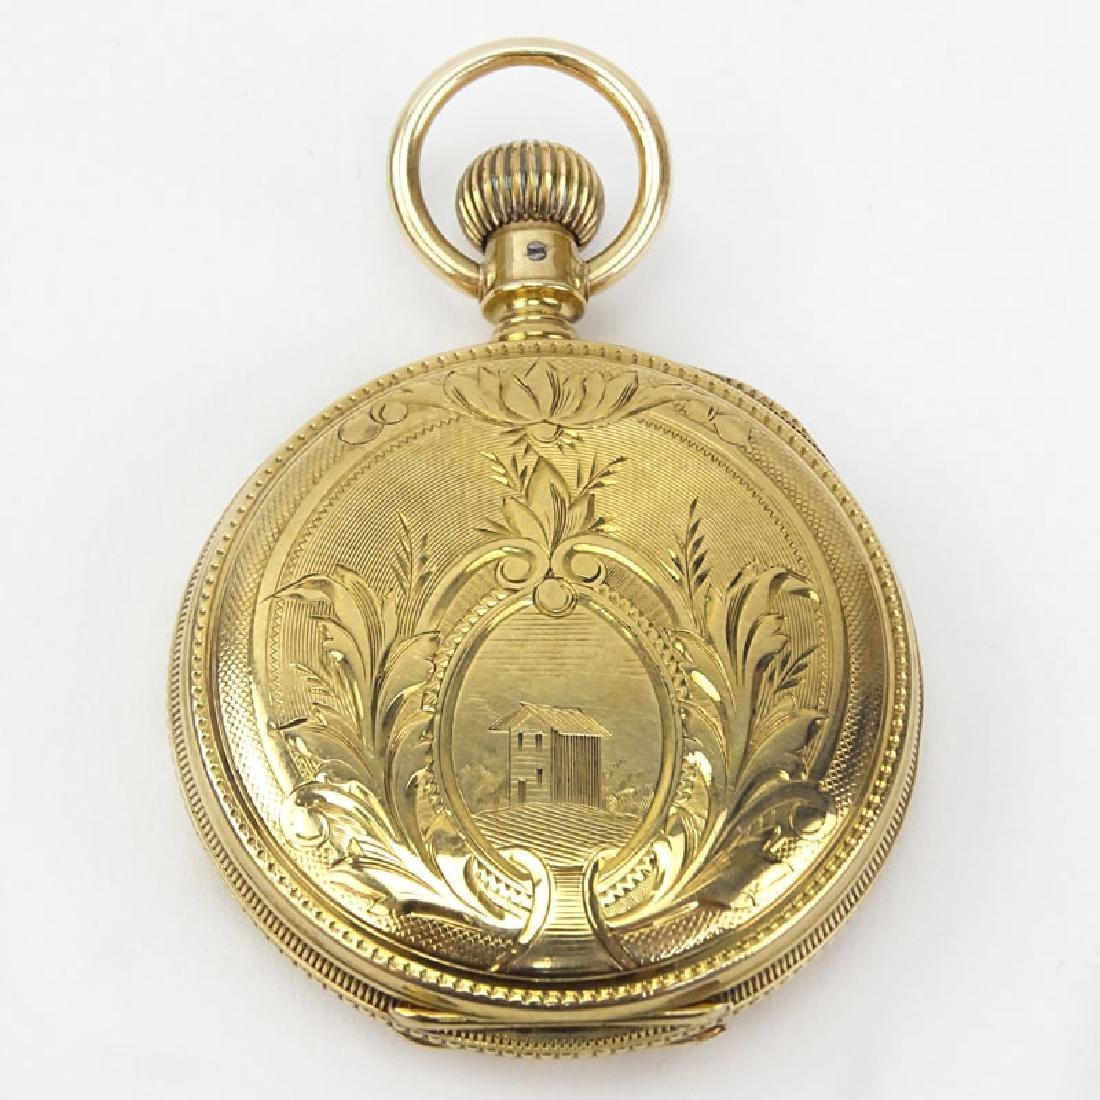 Antique Elgin 14 Karat Yellow Gold Engraved Pocket